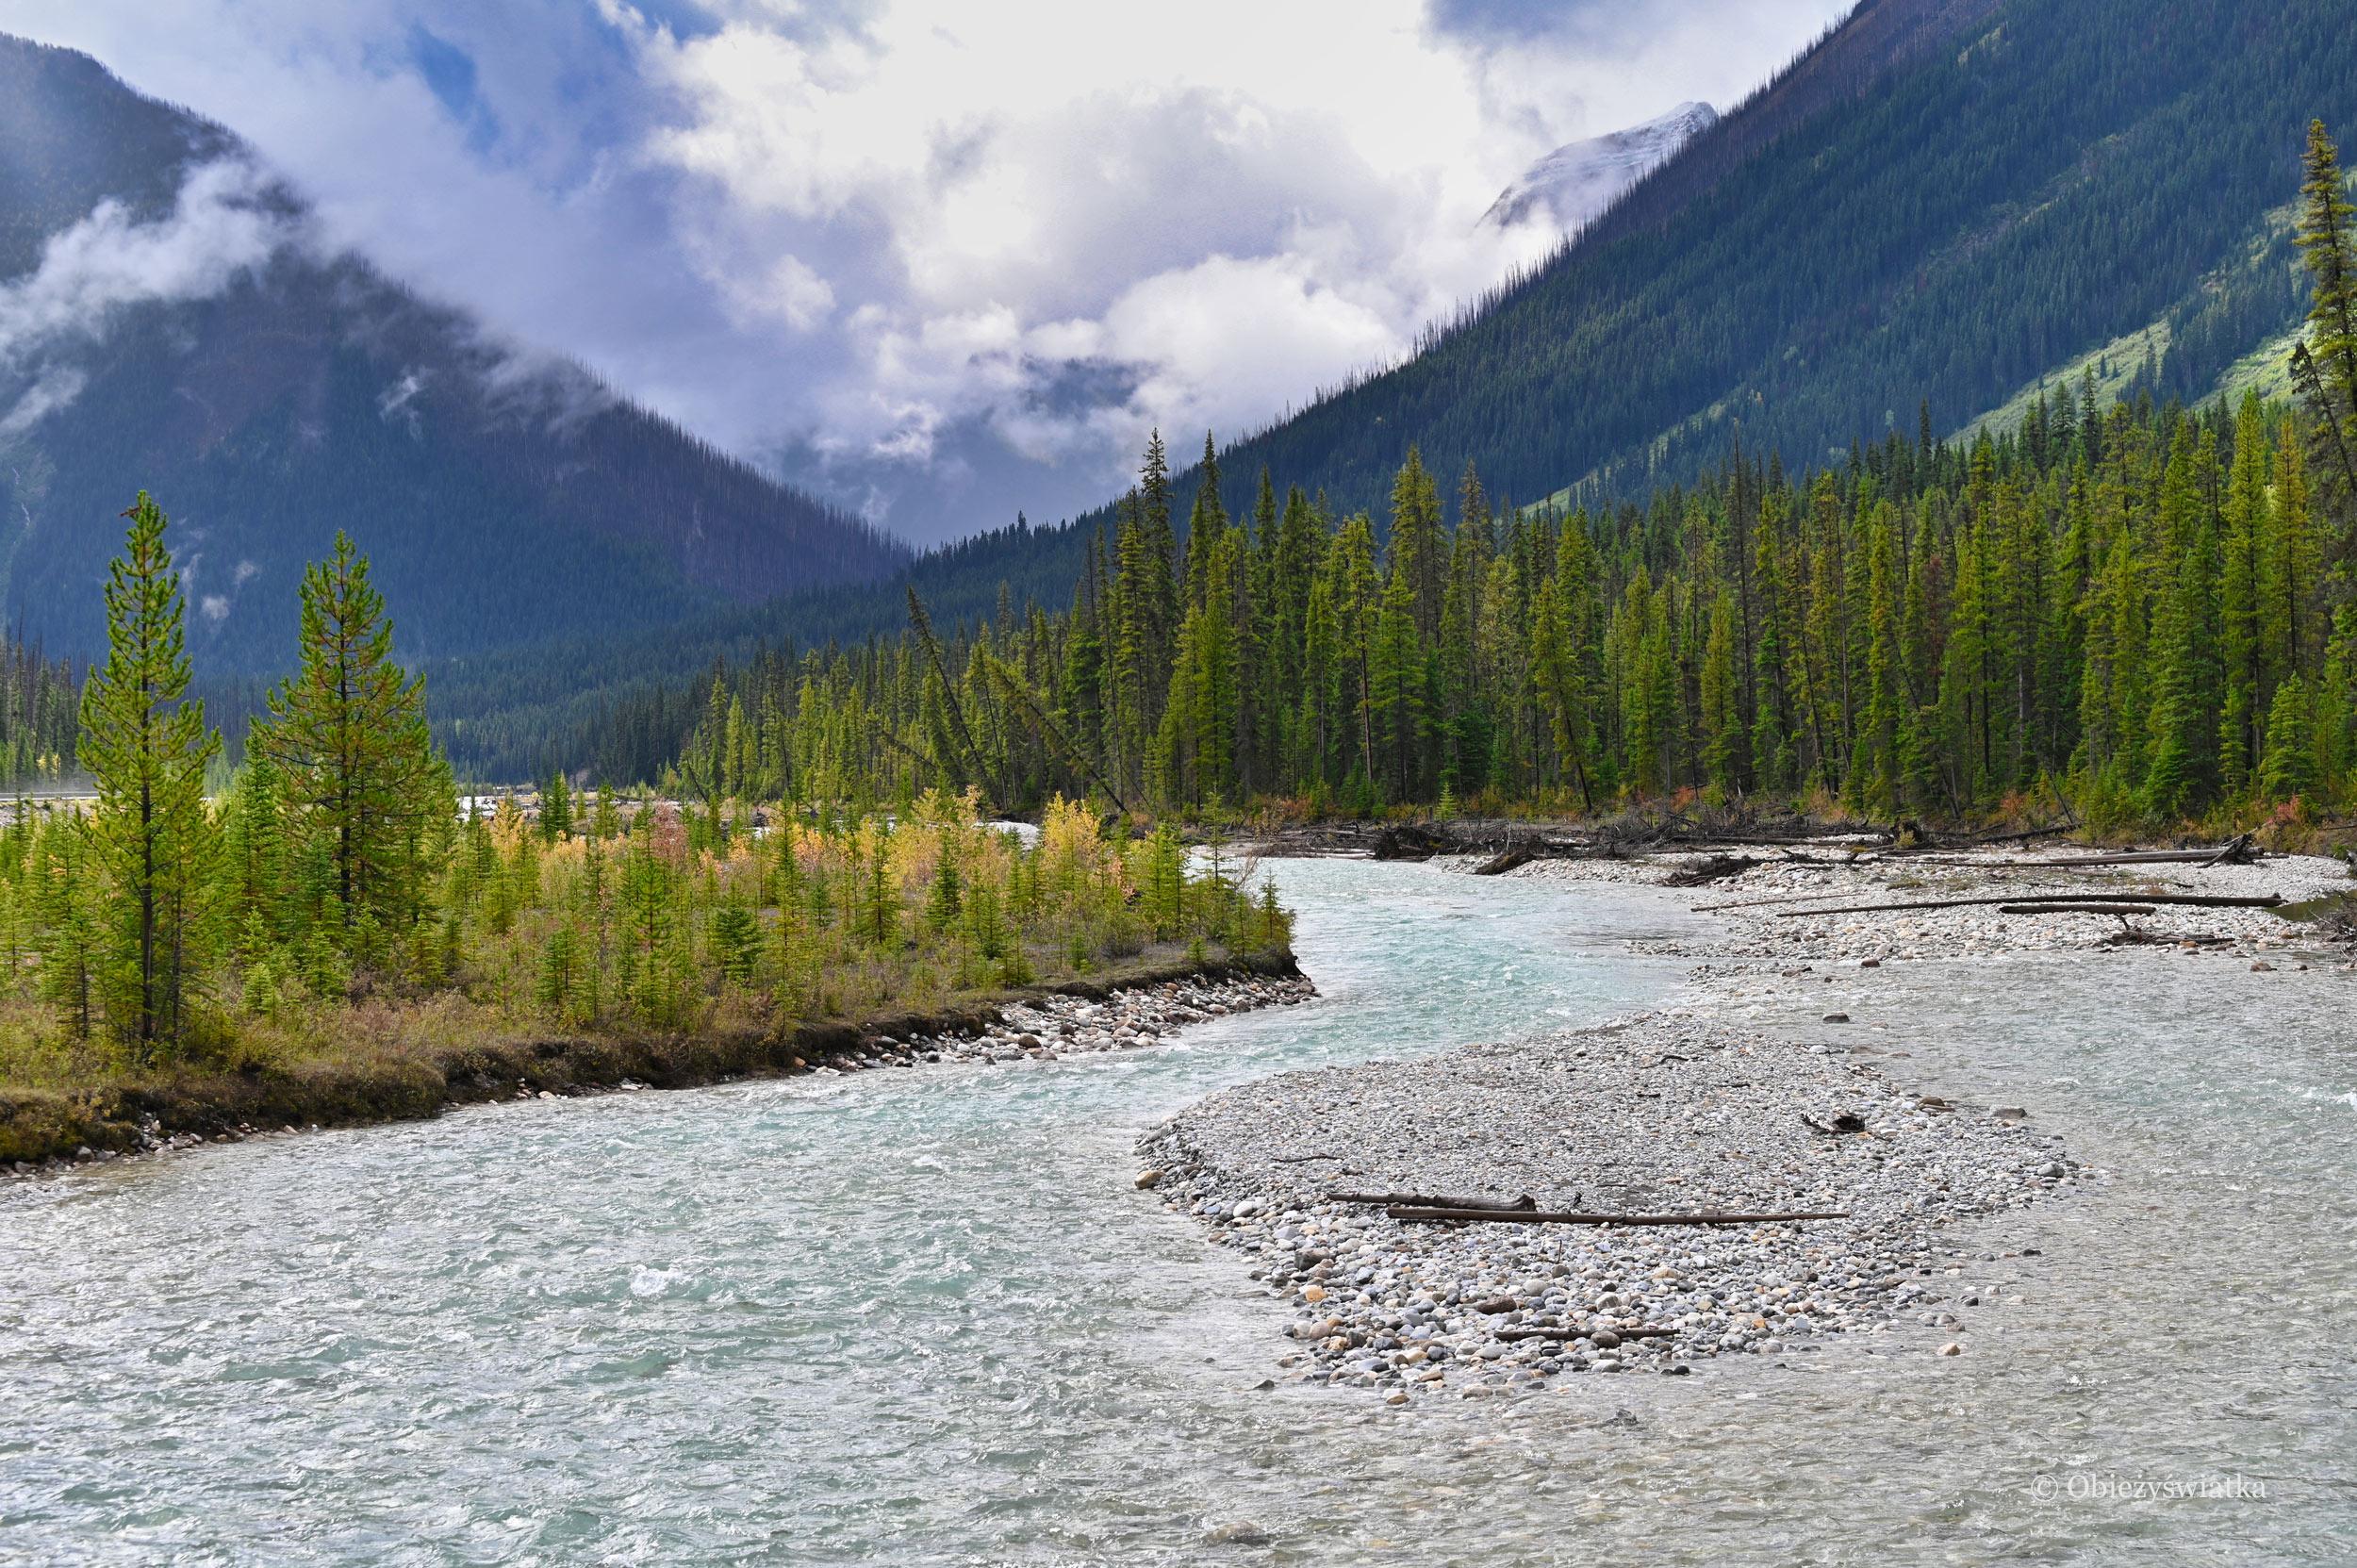 Góry, górskie rzeki i Park Narodowy Kootenay, Kanada